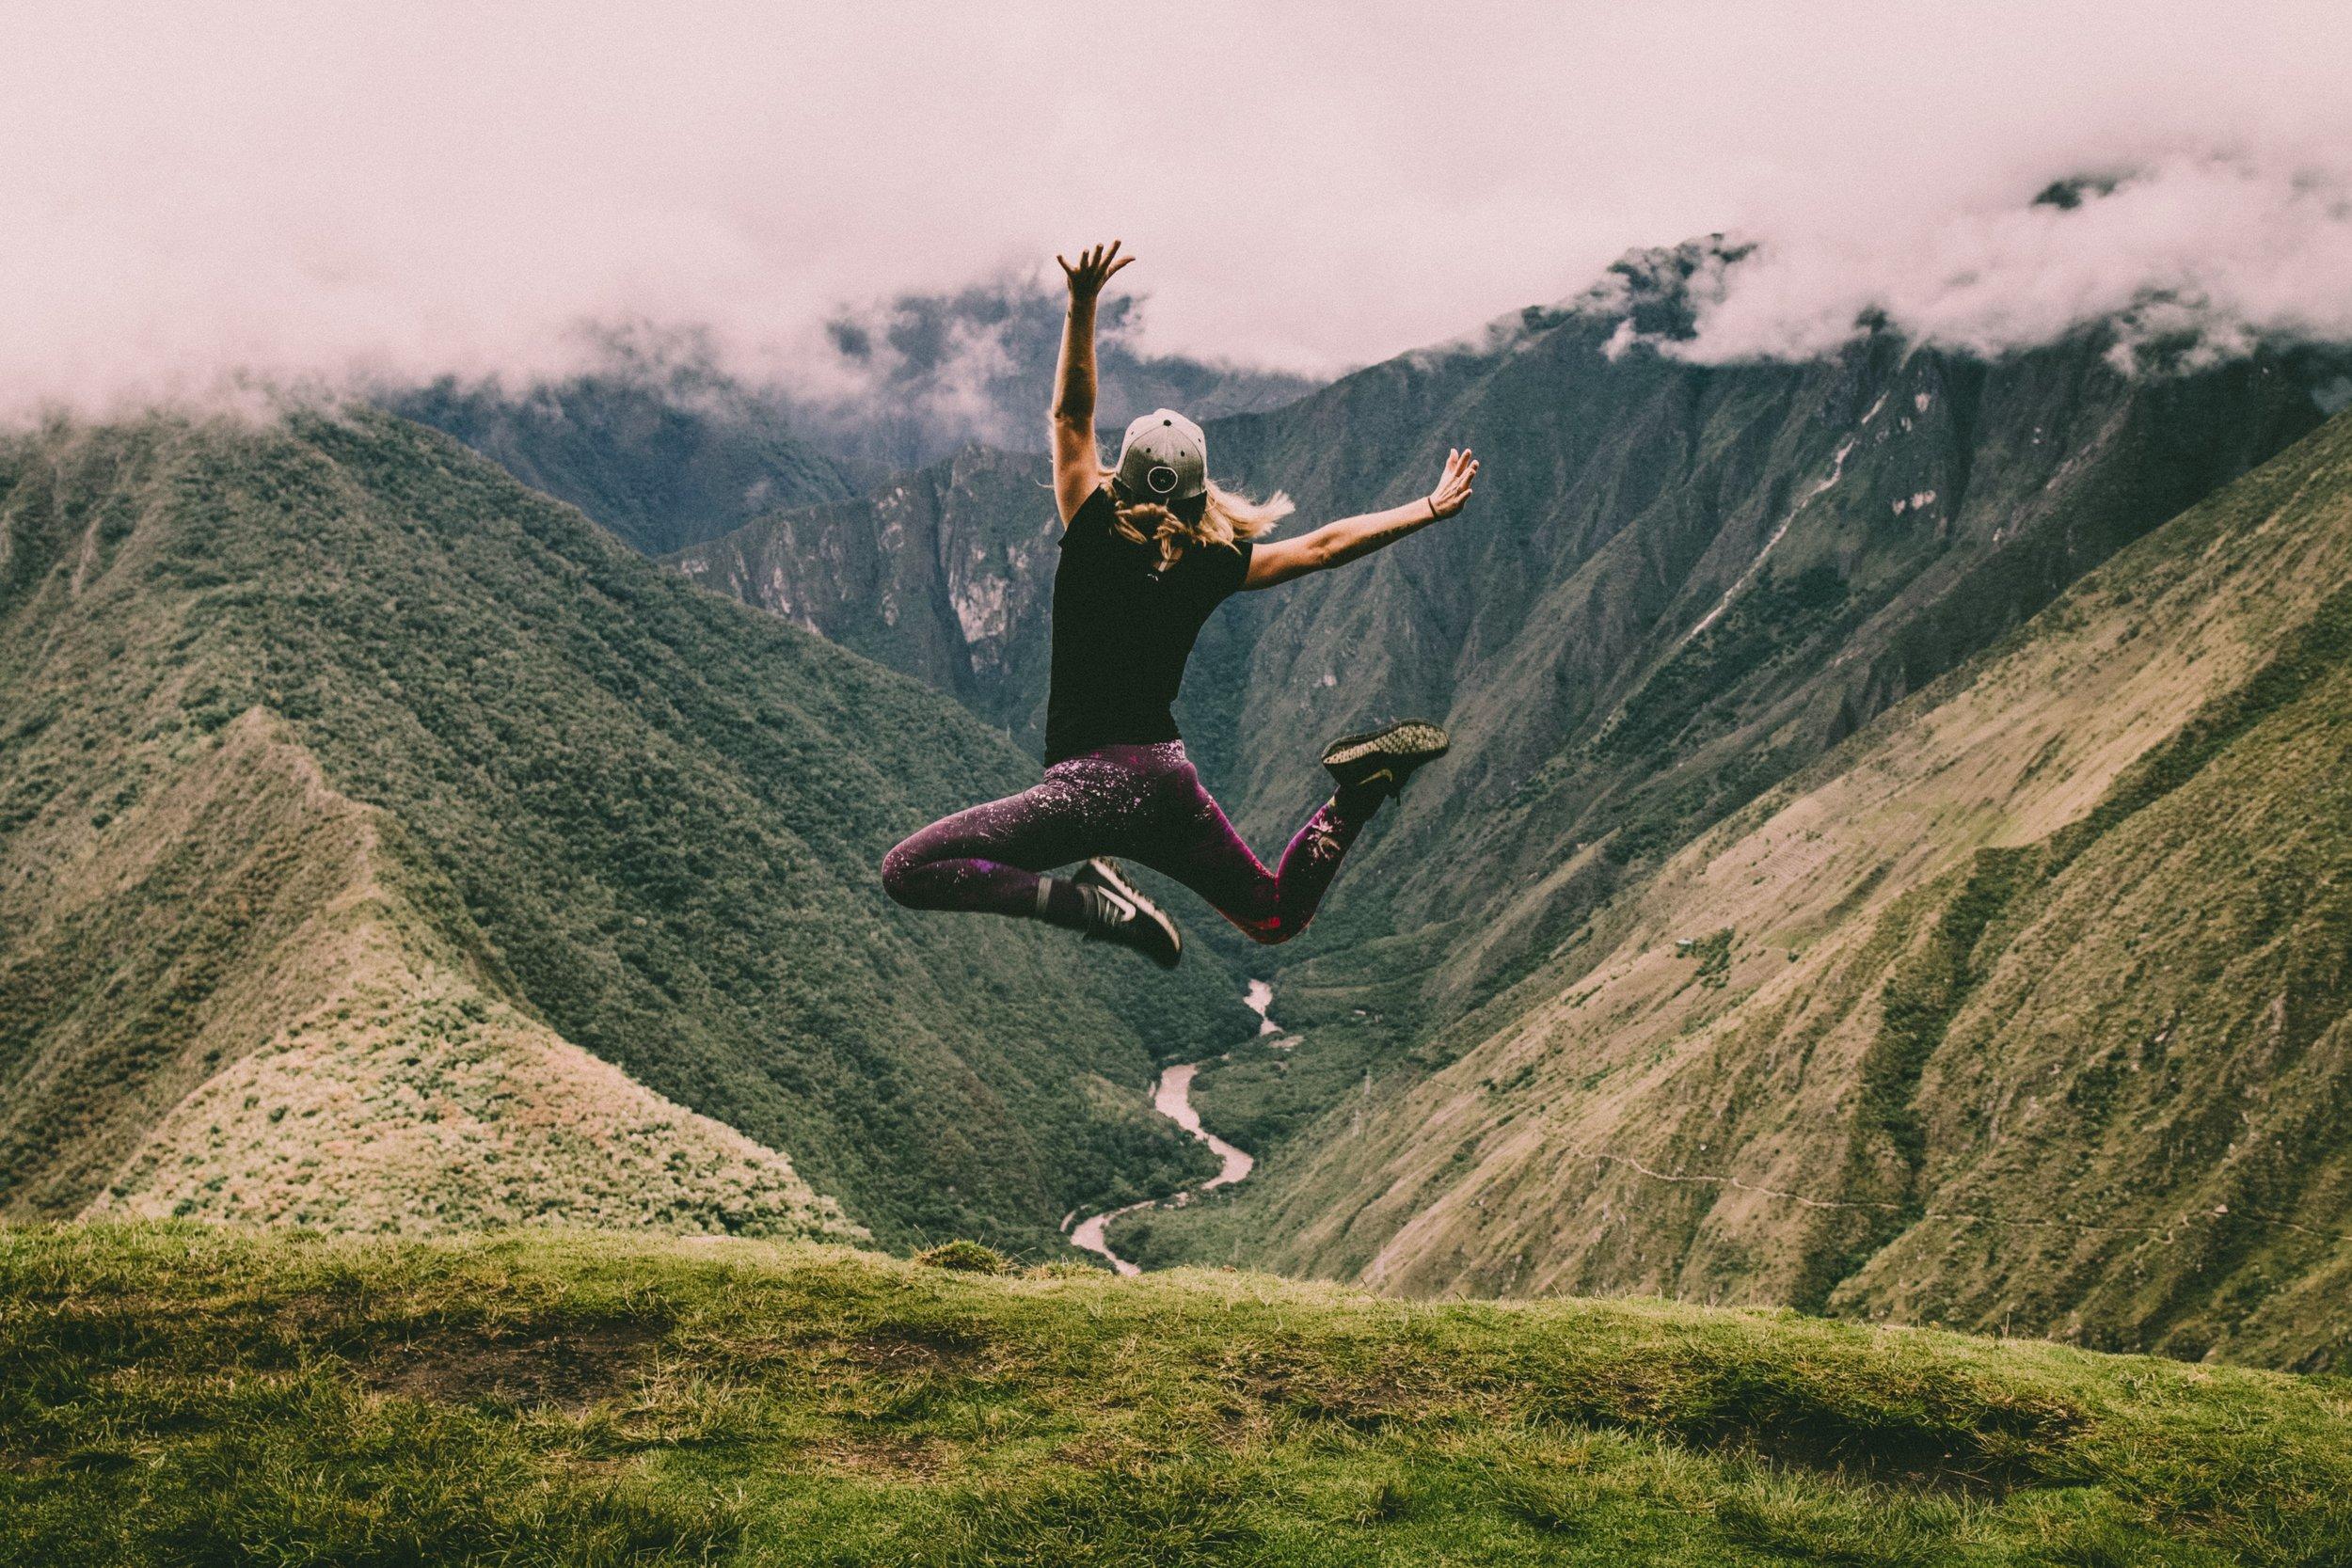 Ausangate - ¡Salte a un caballo y dé un paseo en uno de los paisajes más hermosos de los Andes! El tour de 7 lagunas es una excursión de un dia en el que visitaran increíbles lagunas de color turquesa. ¡No te lo puedes perder!